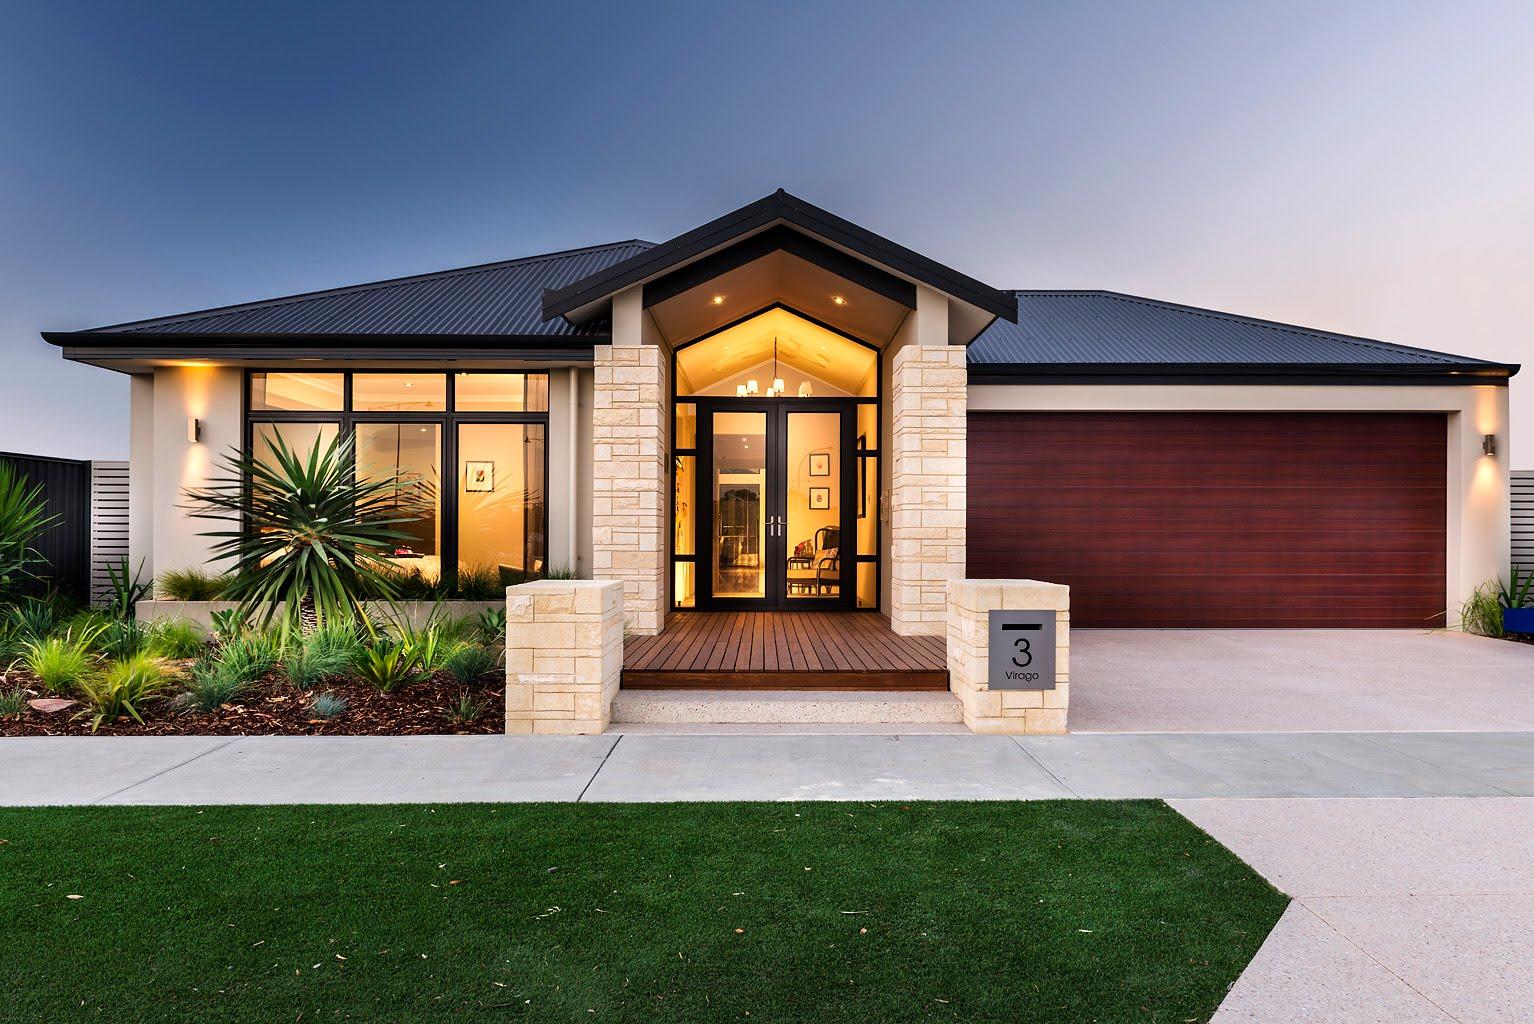 Entradas de casas bonitas simple ideas para crear una entrada en una casa donde no hay with - Casa con camino ...